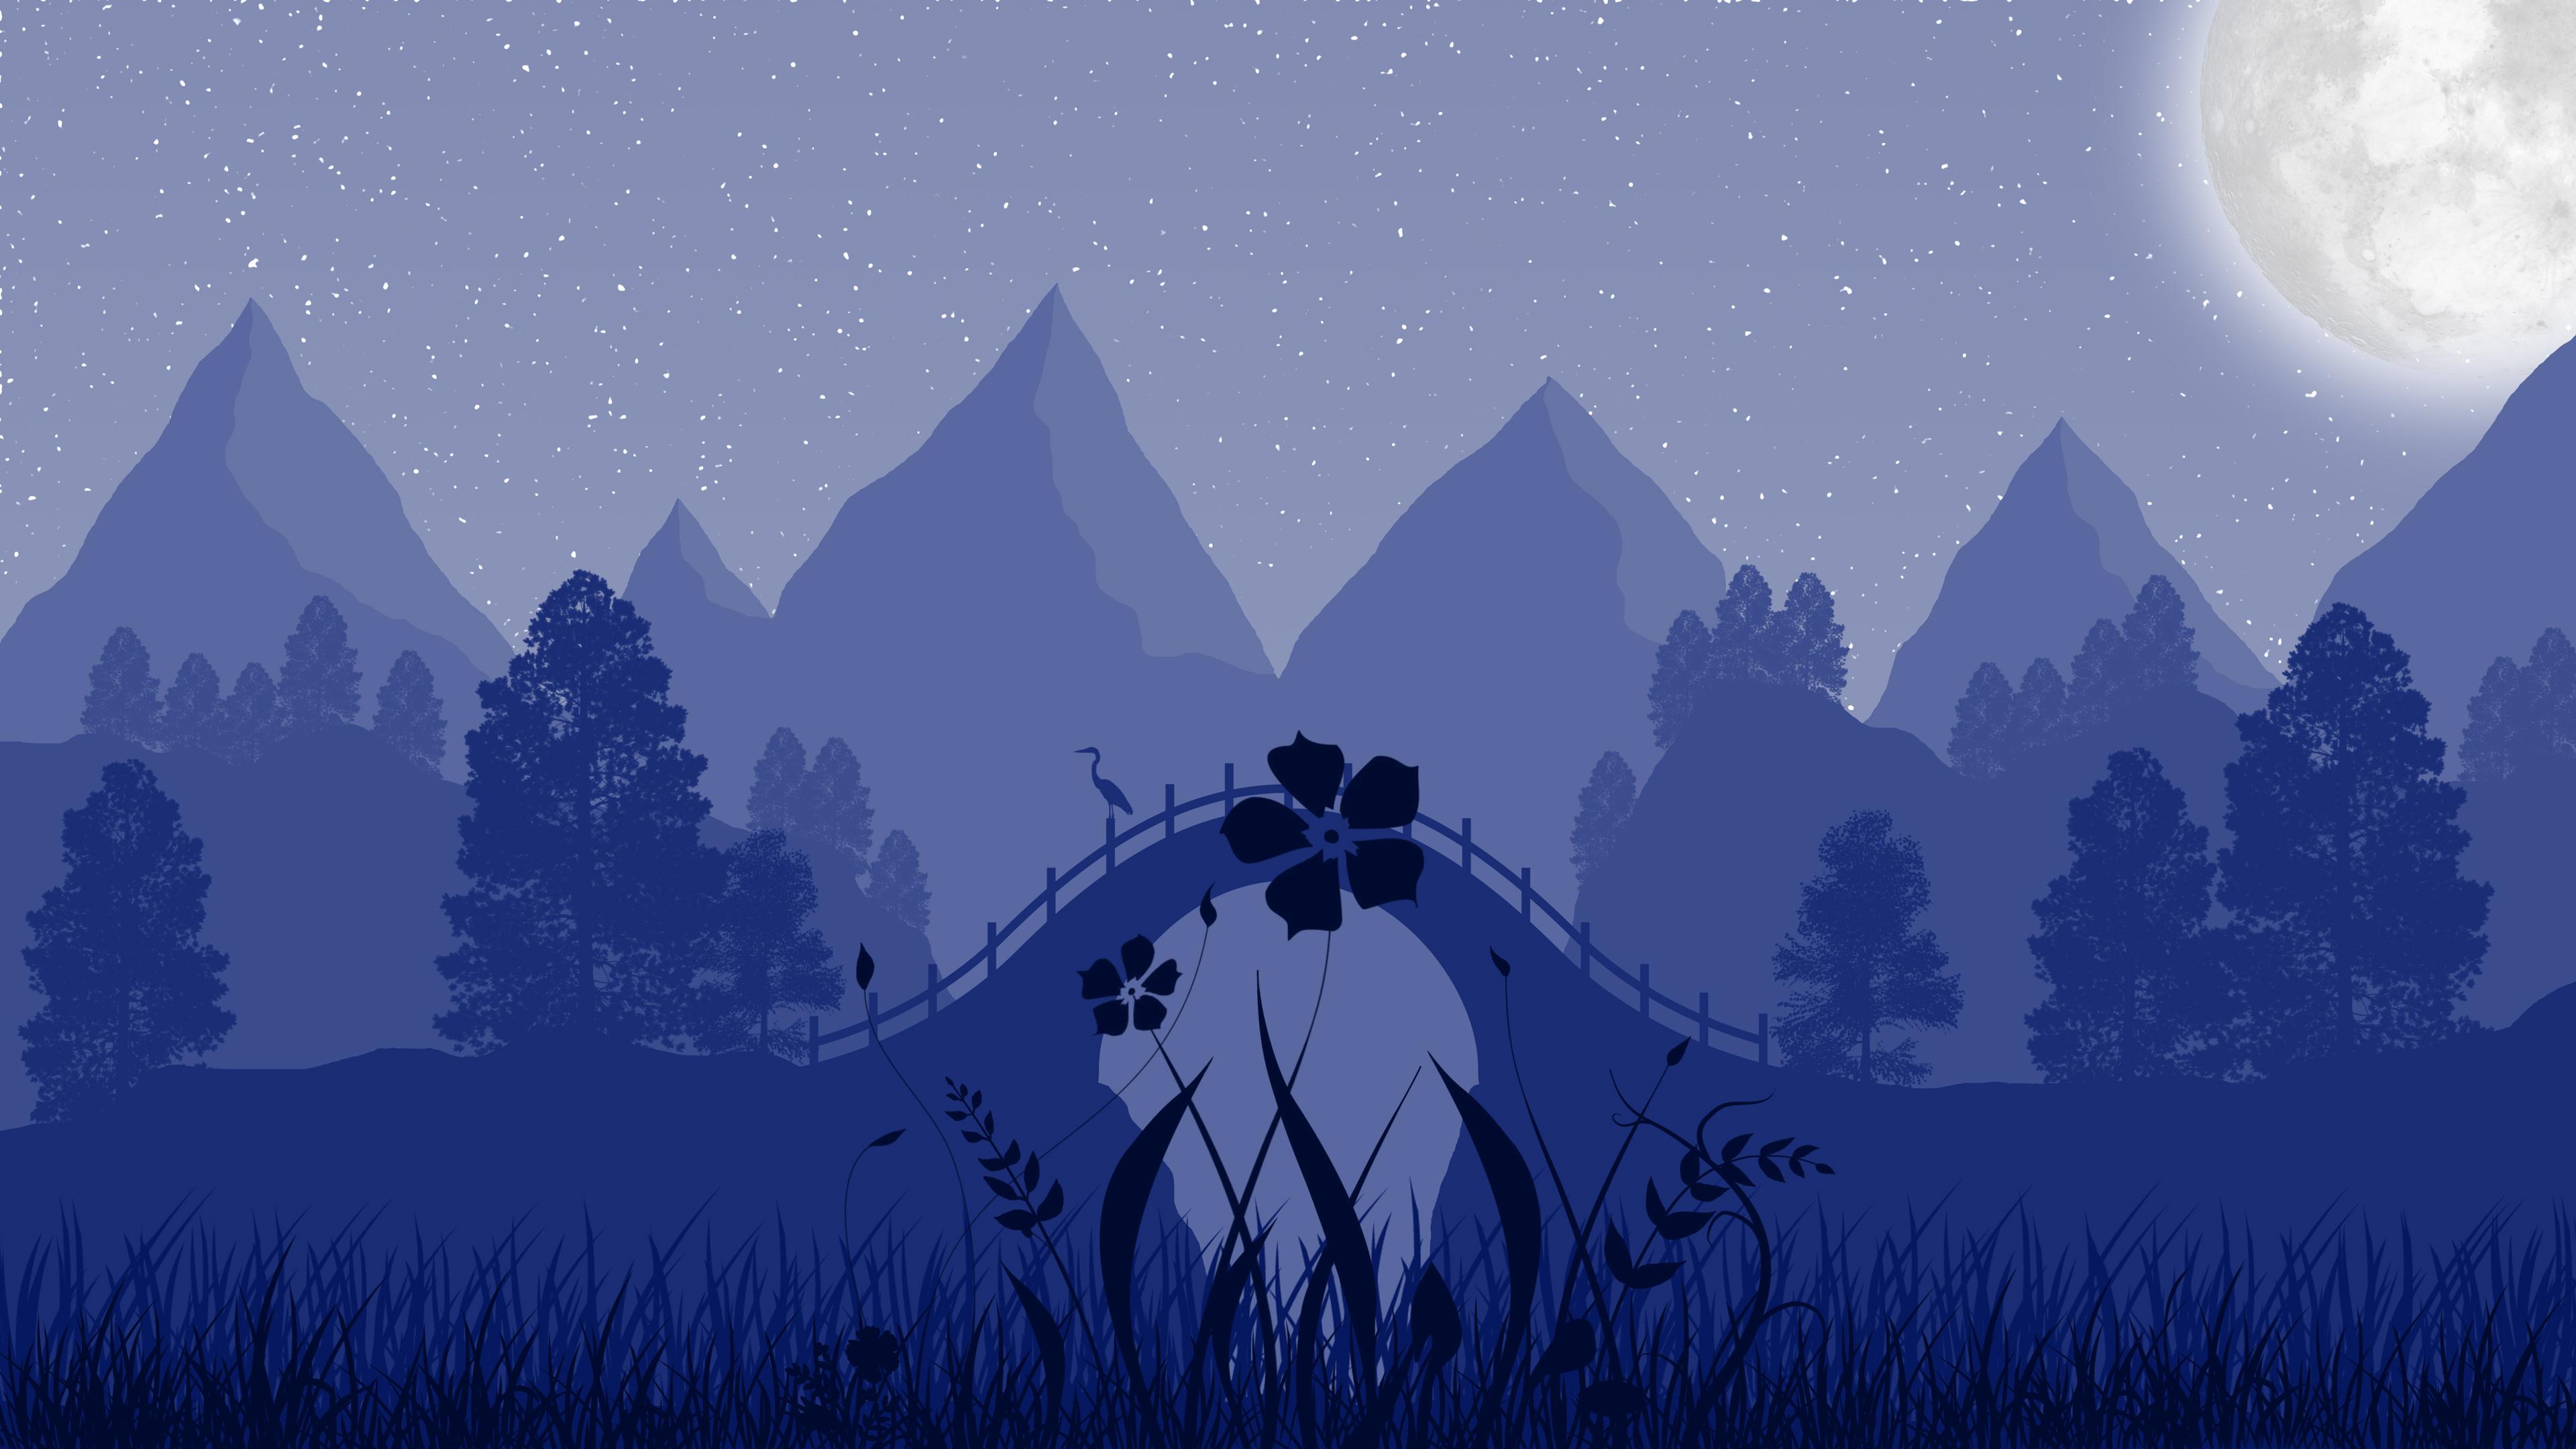 3840x2160 Floaral Night Minimalist 4k 4k HD 4k Wallpapers ...